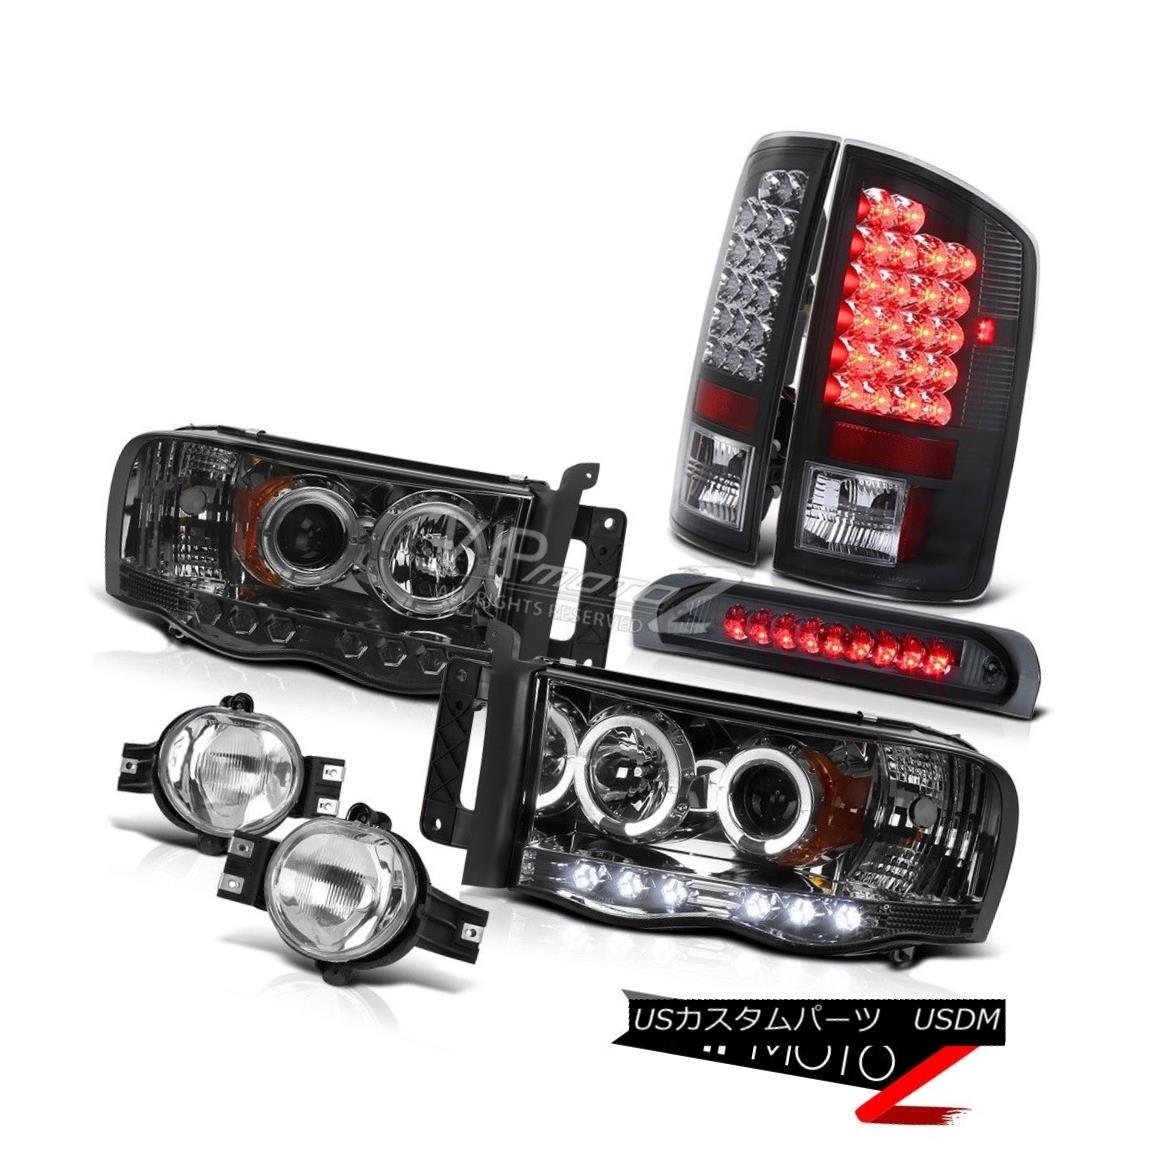 ヘッドライト Dodge Ram 02-05 SmOke HaLo Projector Headlight+3rd Brake+Tail Lamp+Fog Light Dodge Ram 02-05 SmOke HaLoプロジェクターヘッドライト+ 3rdブレーキ+テールランプ+フォグライト